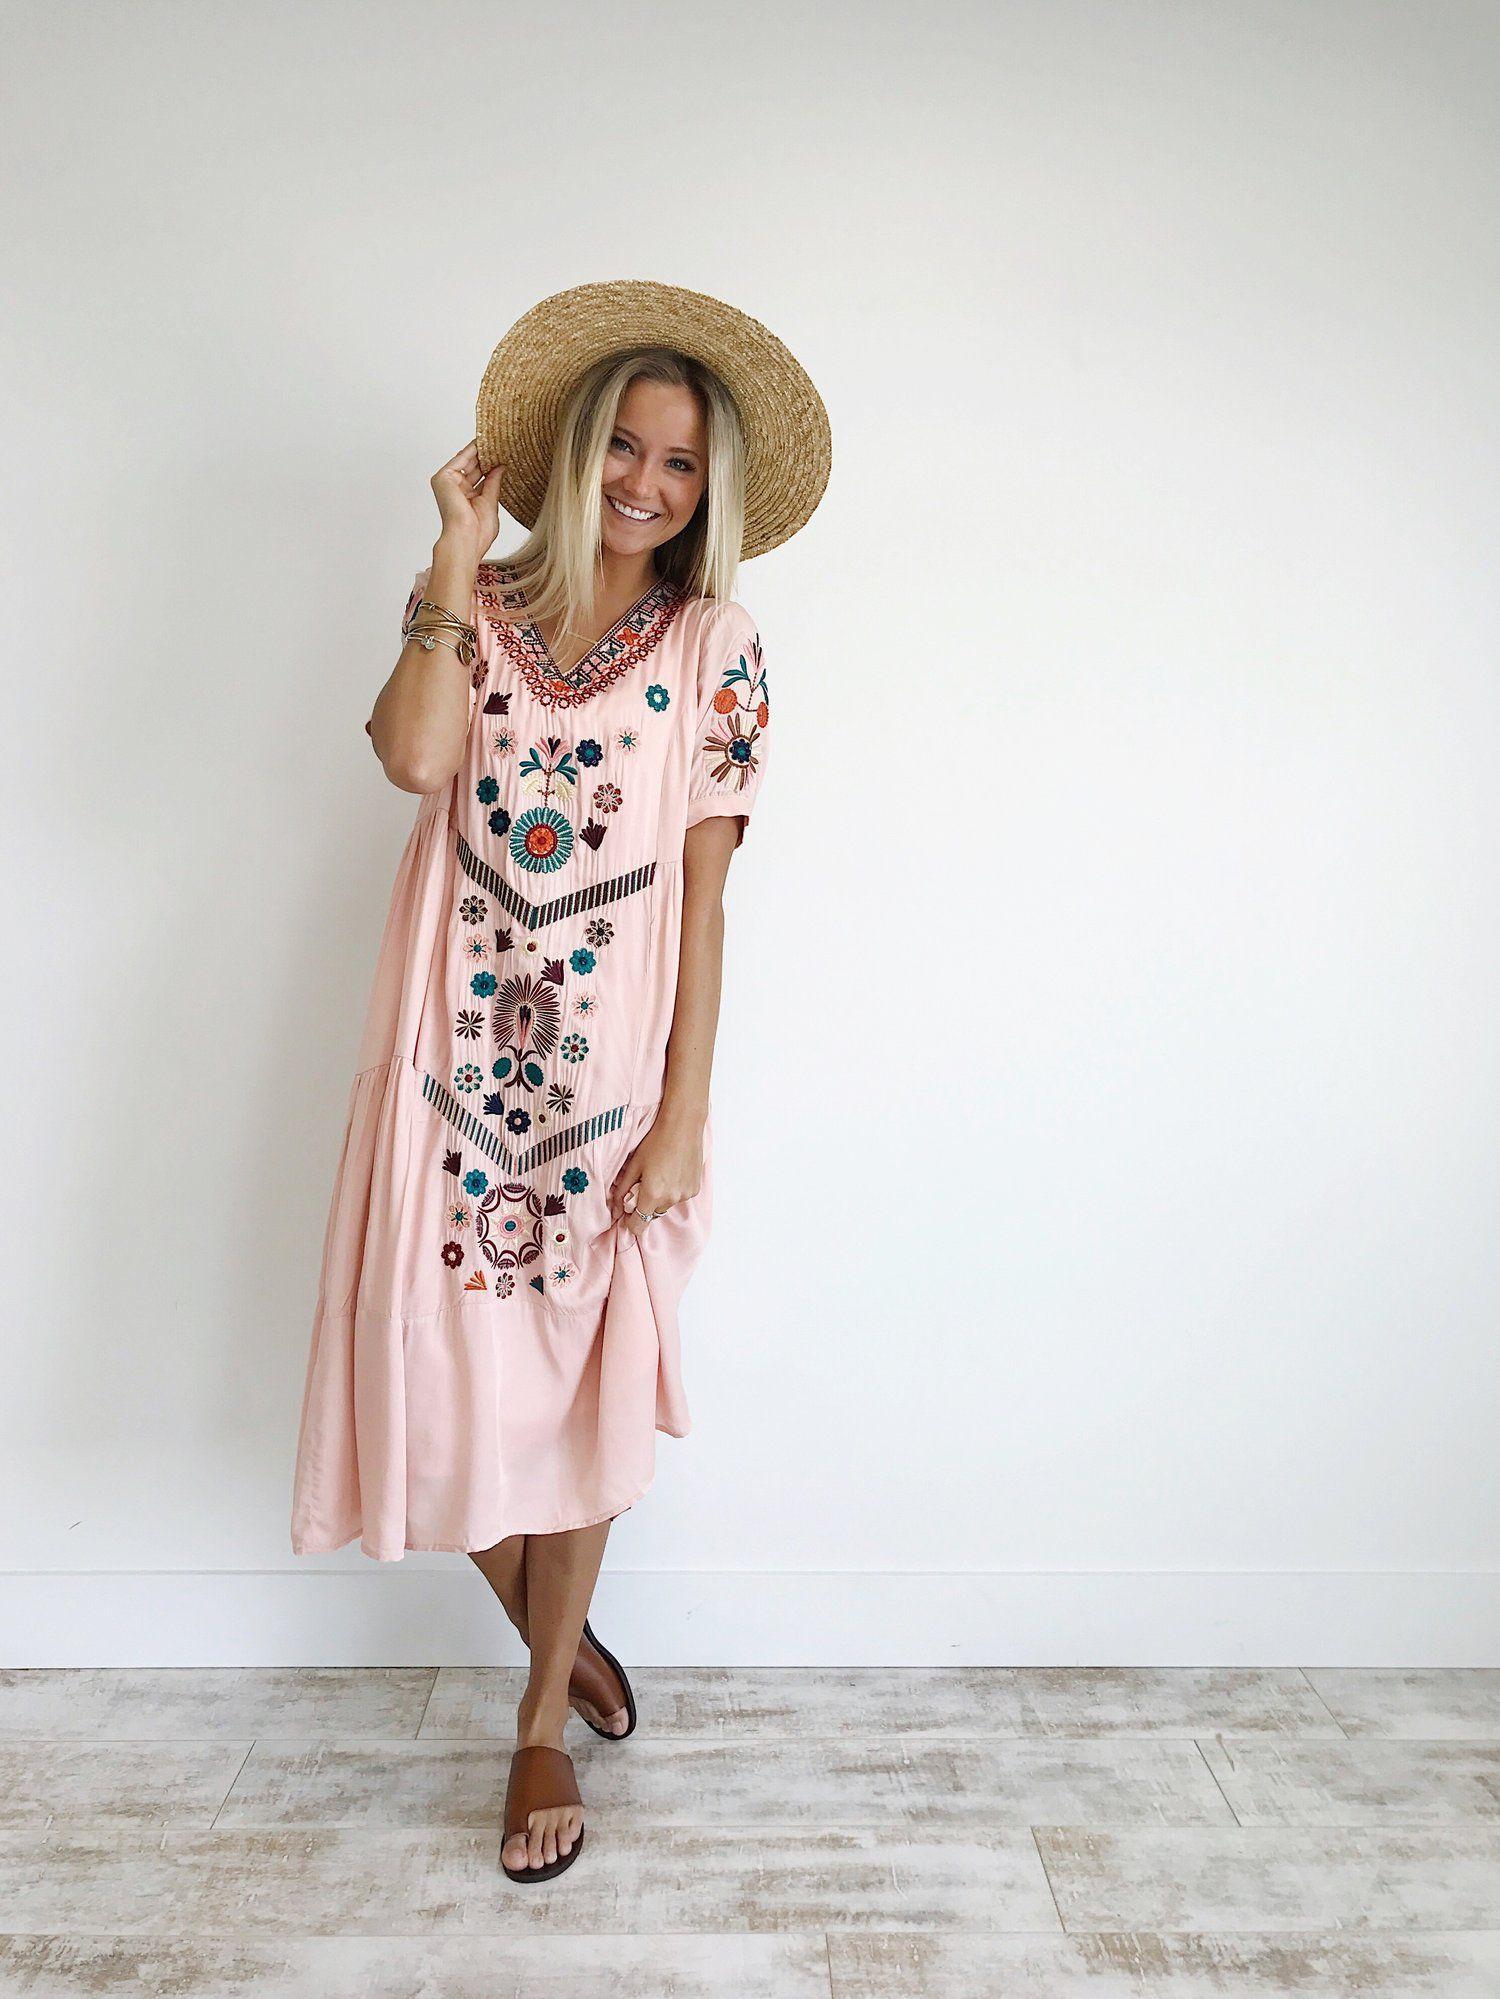 Rose floral embroidered summer dress | ROOLEE | ROOLEE Picks ...